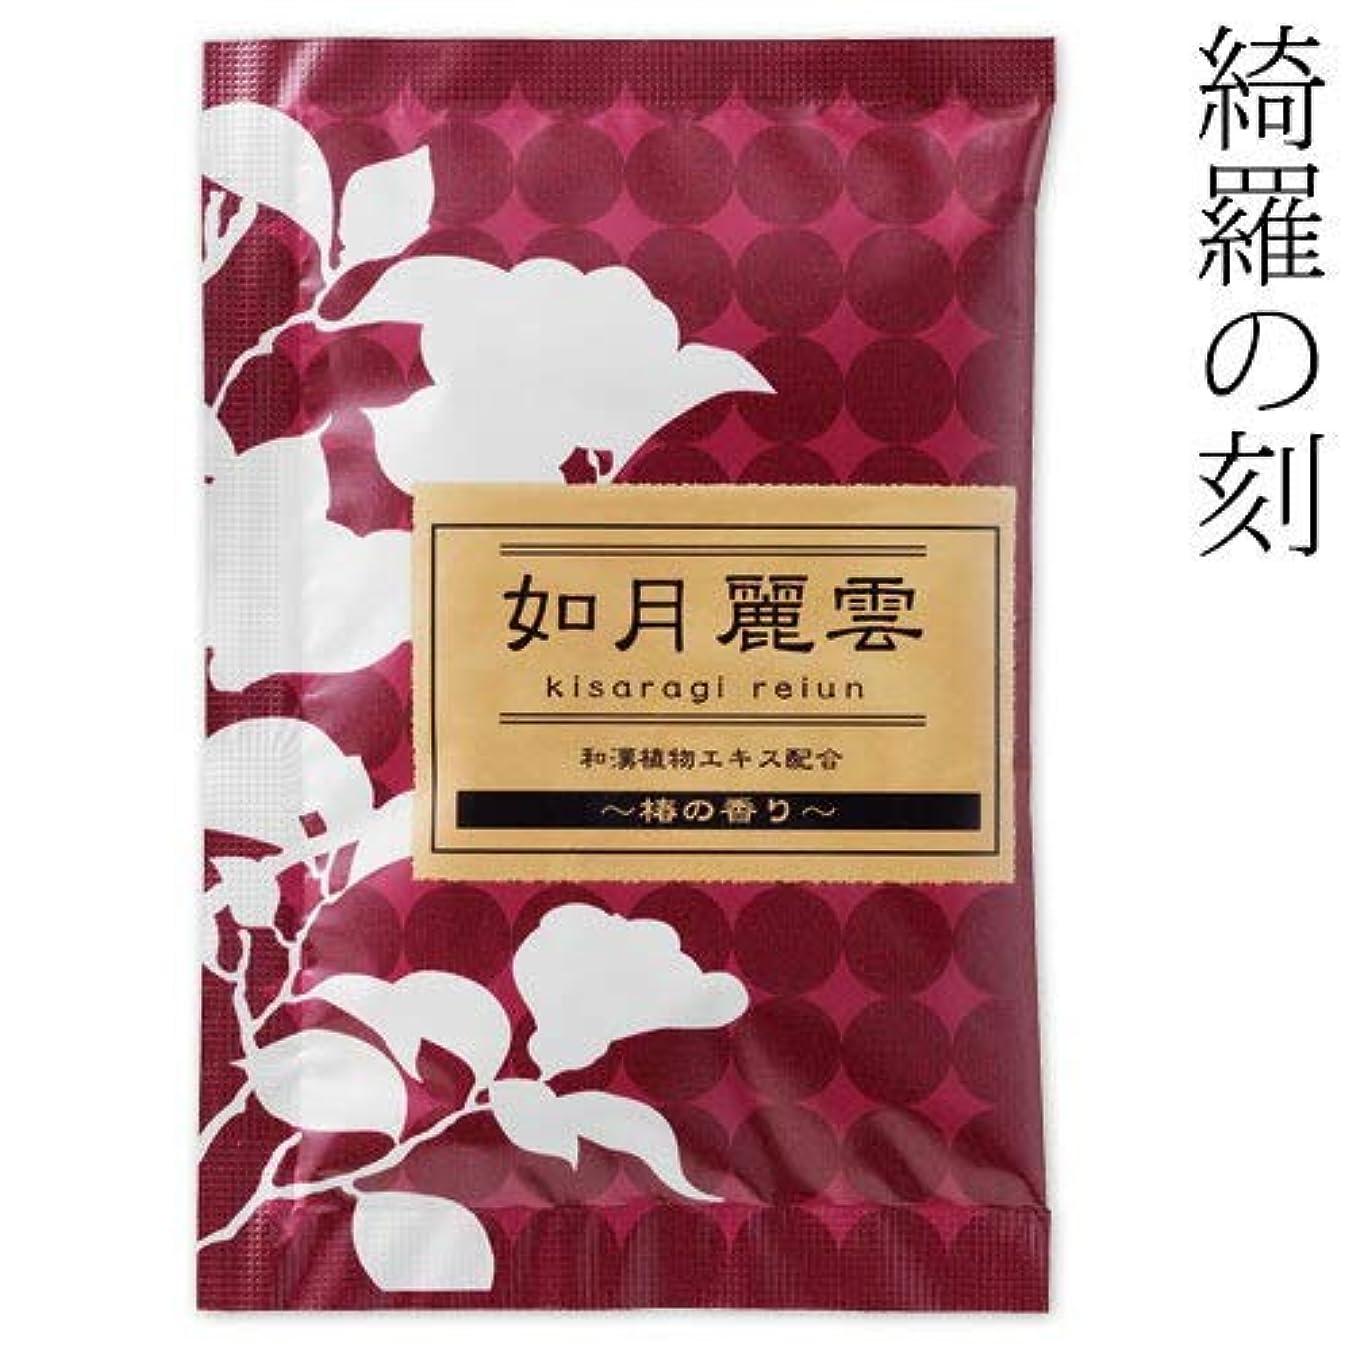 前件答え裏切る入浴剤綺羅の刻椿の香り如月麗雲1包石川県のお風呂グッズBath additive, Ishikawa craft